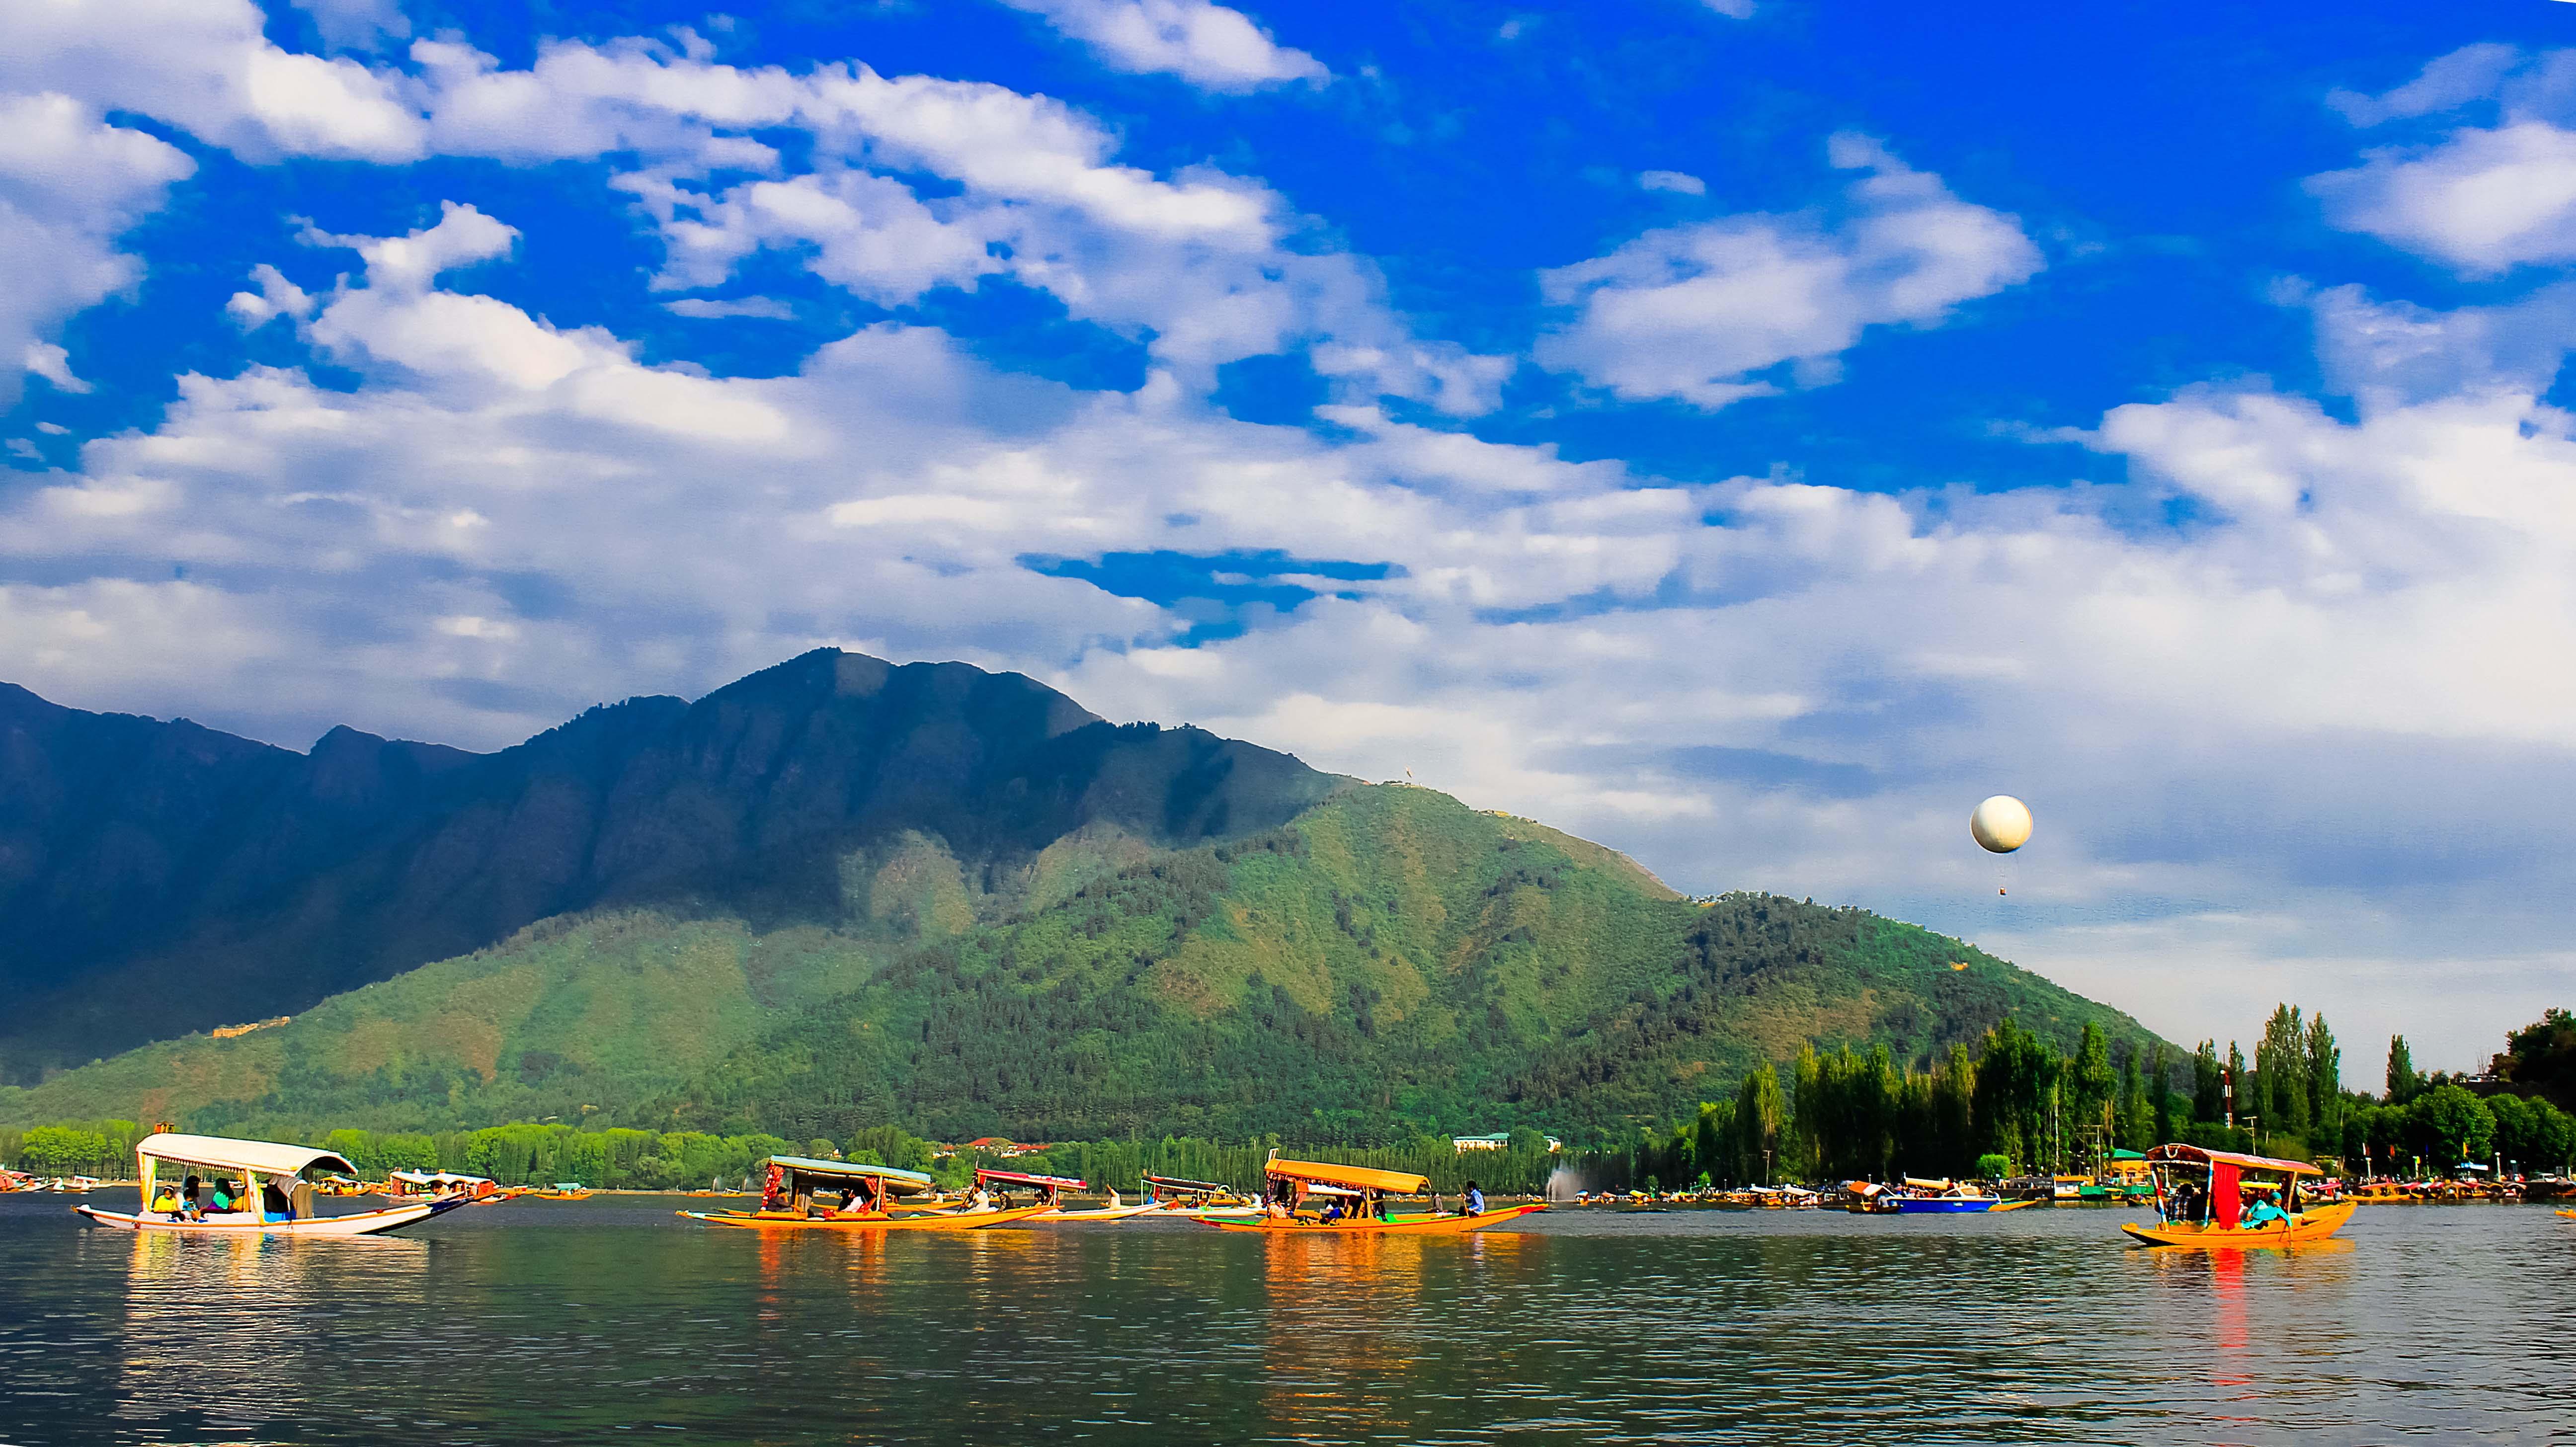 file dal lake kashmir